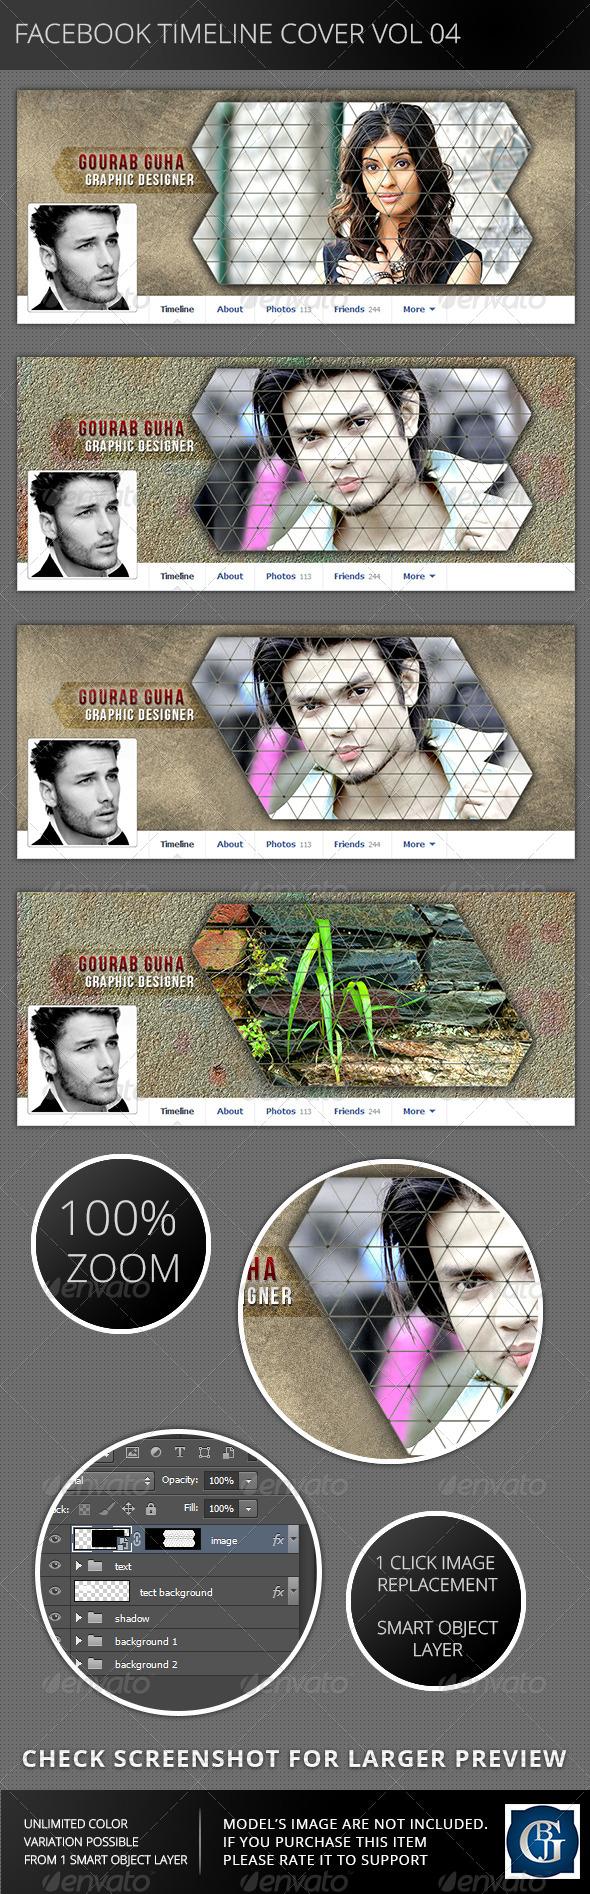 Facebook Timeline Cover Vol  04 - Facebook Timeline Covers Social Media